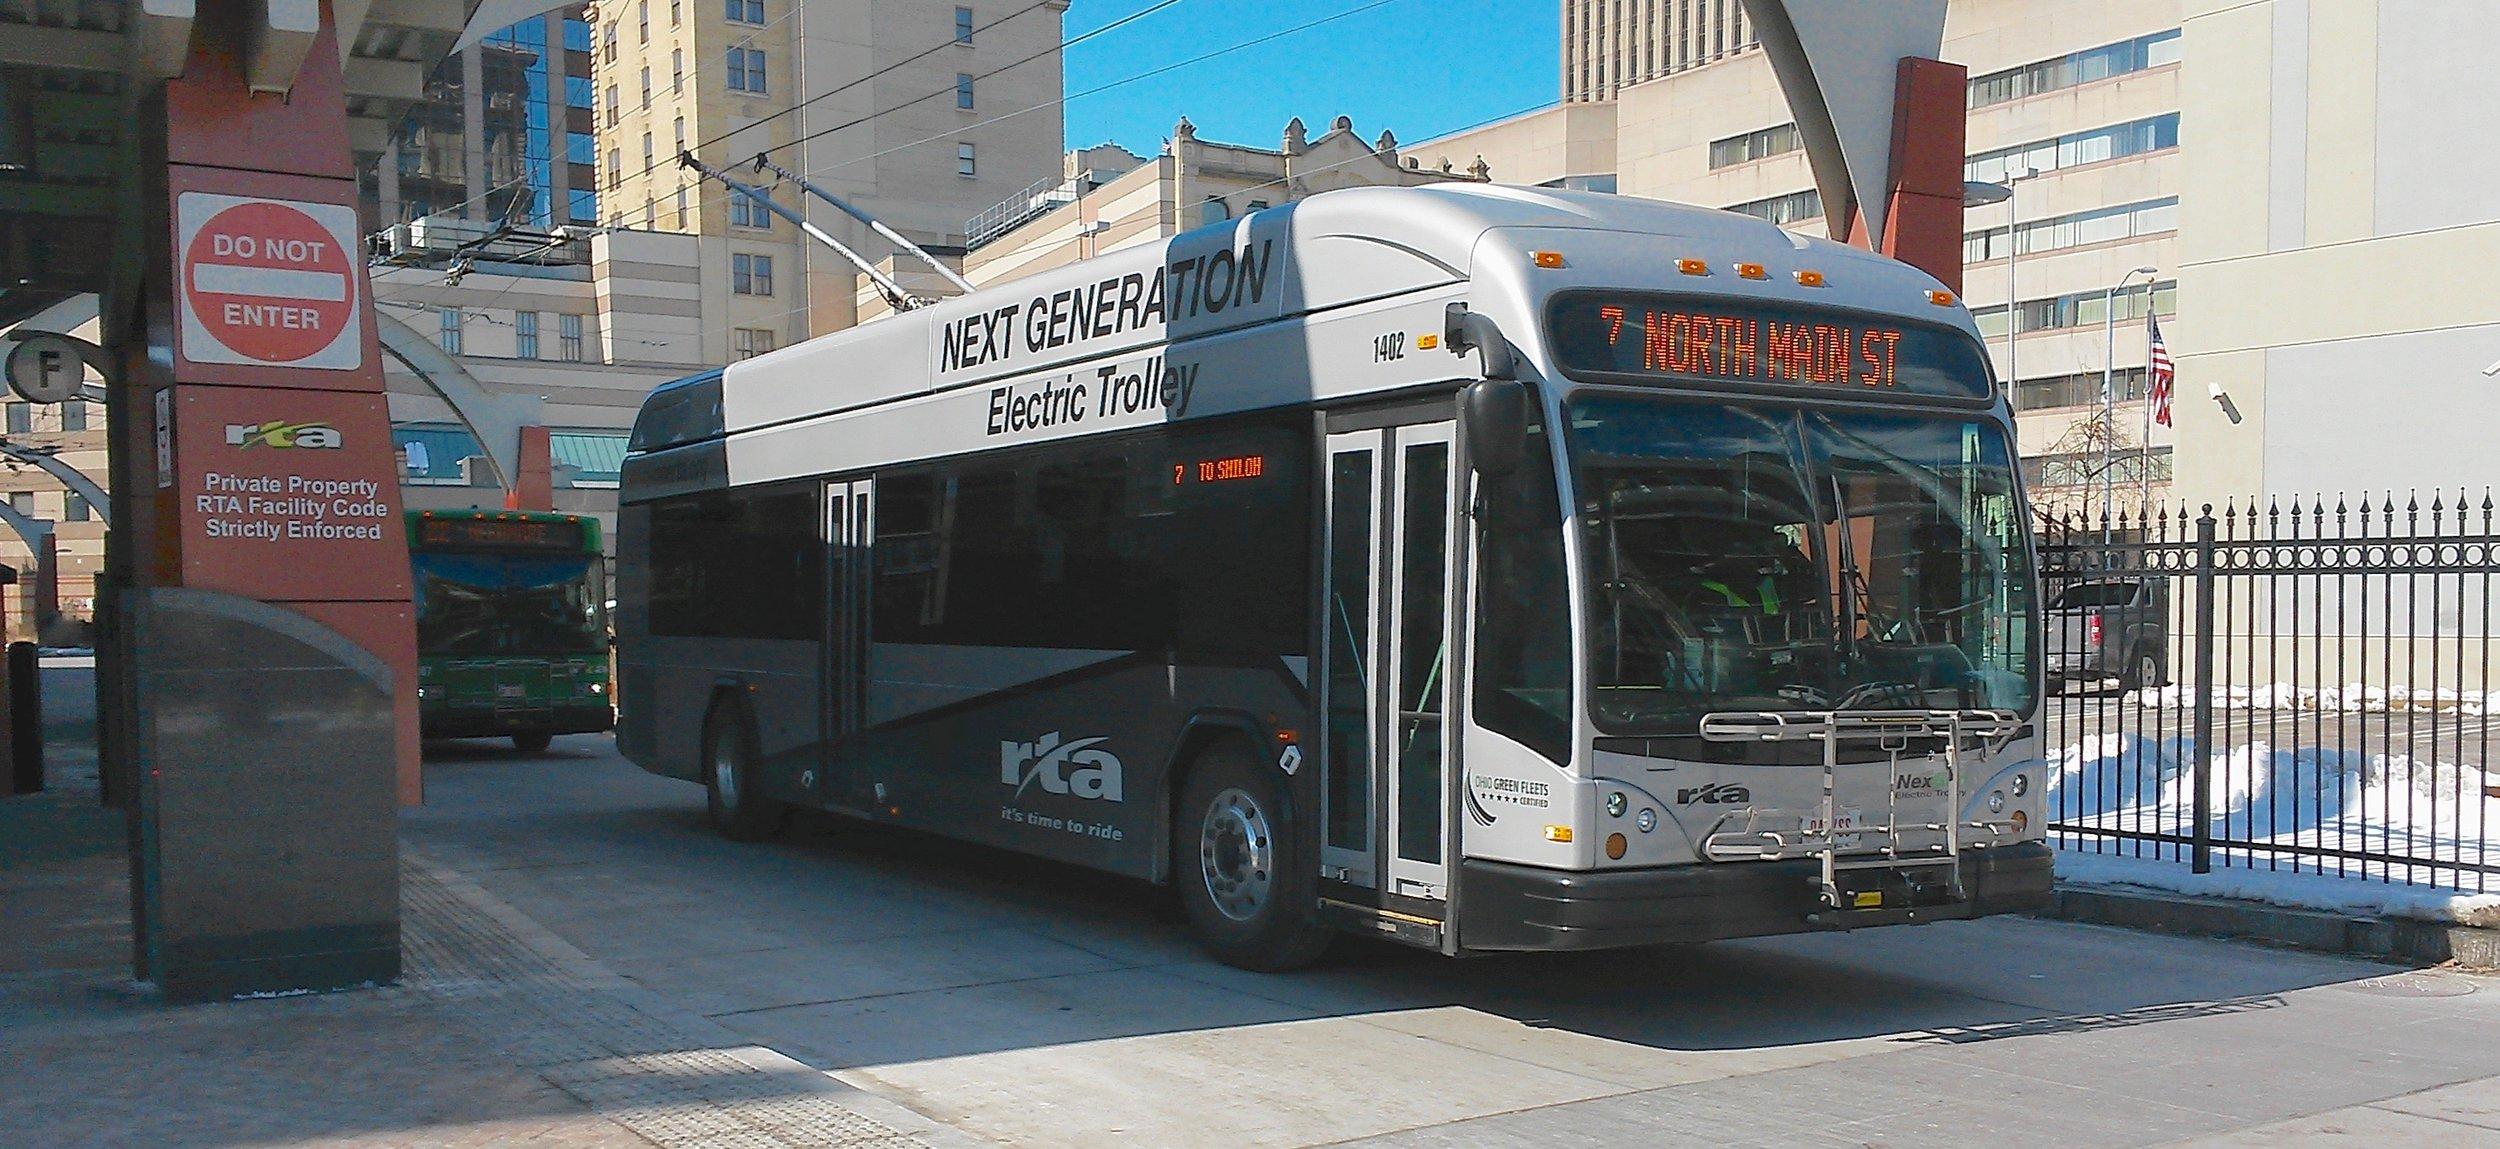 Jeden z prvních 4 trolejbusů Gillig, které byly dodány v letech 2014 a 2015. Výrobce se výrobou trolejbusů na svých webových stránkách nijak nechlubí. (zdroj: Wikipedia.org)